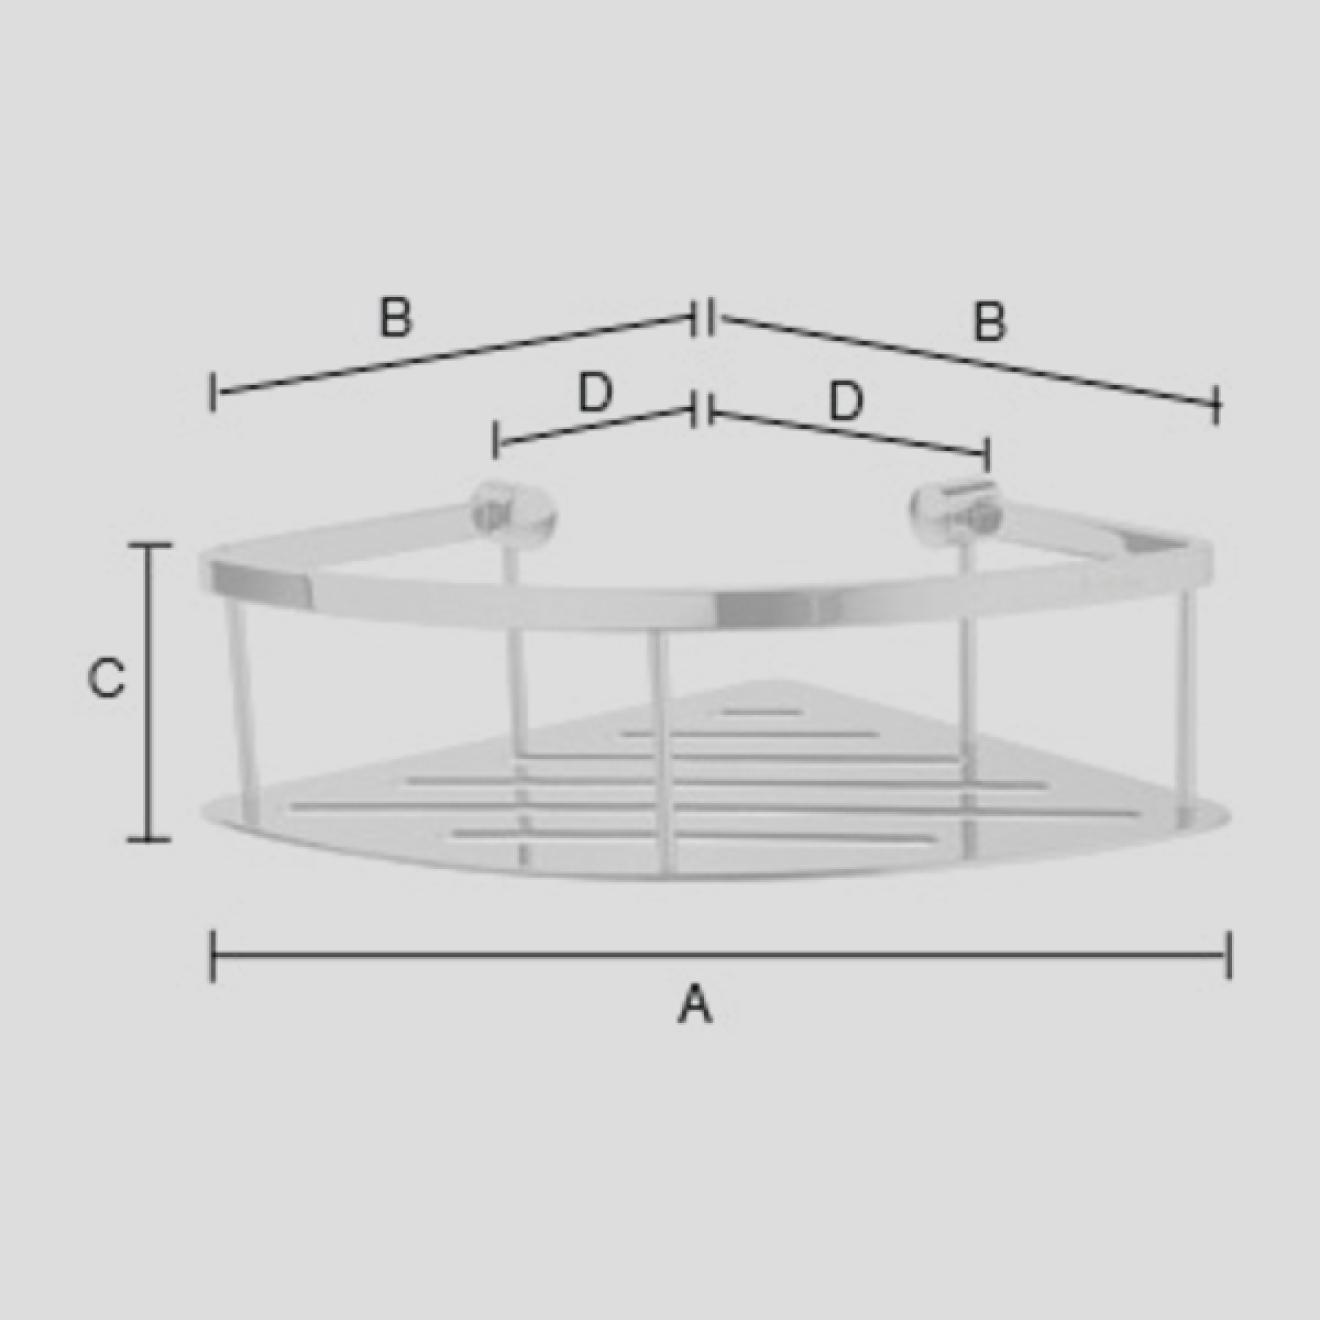 duschkorb ber eck messing verchromt. Black Bedroom Furniture Sets. Home Design Ideas